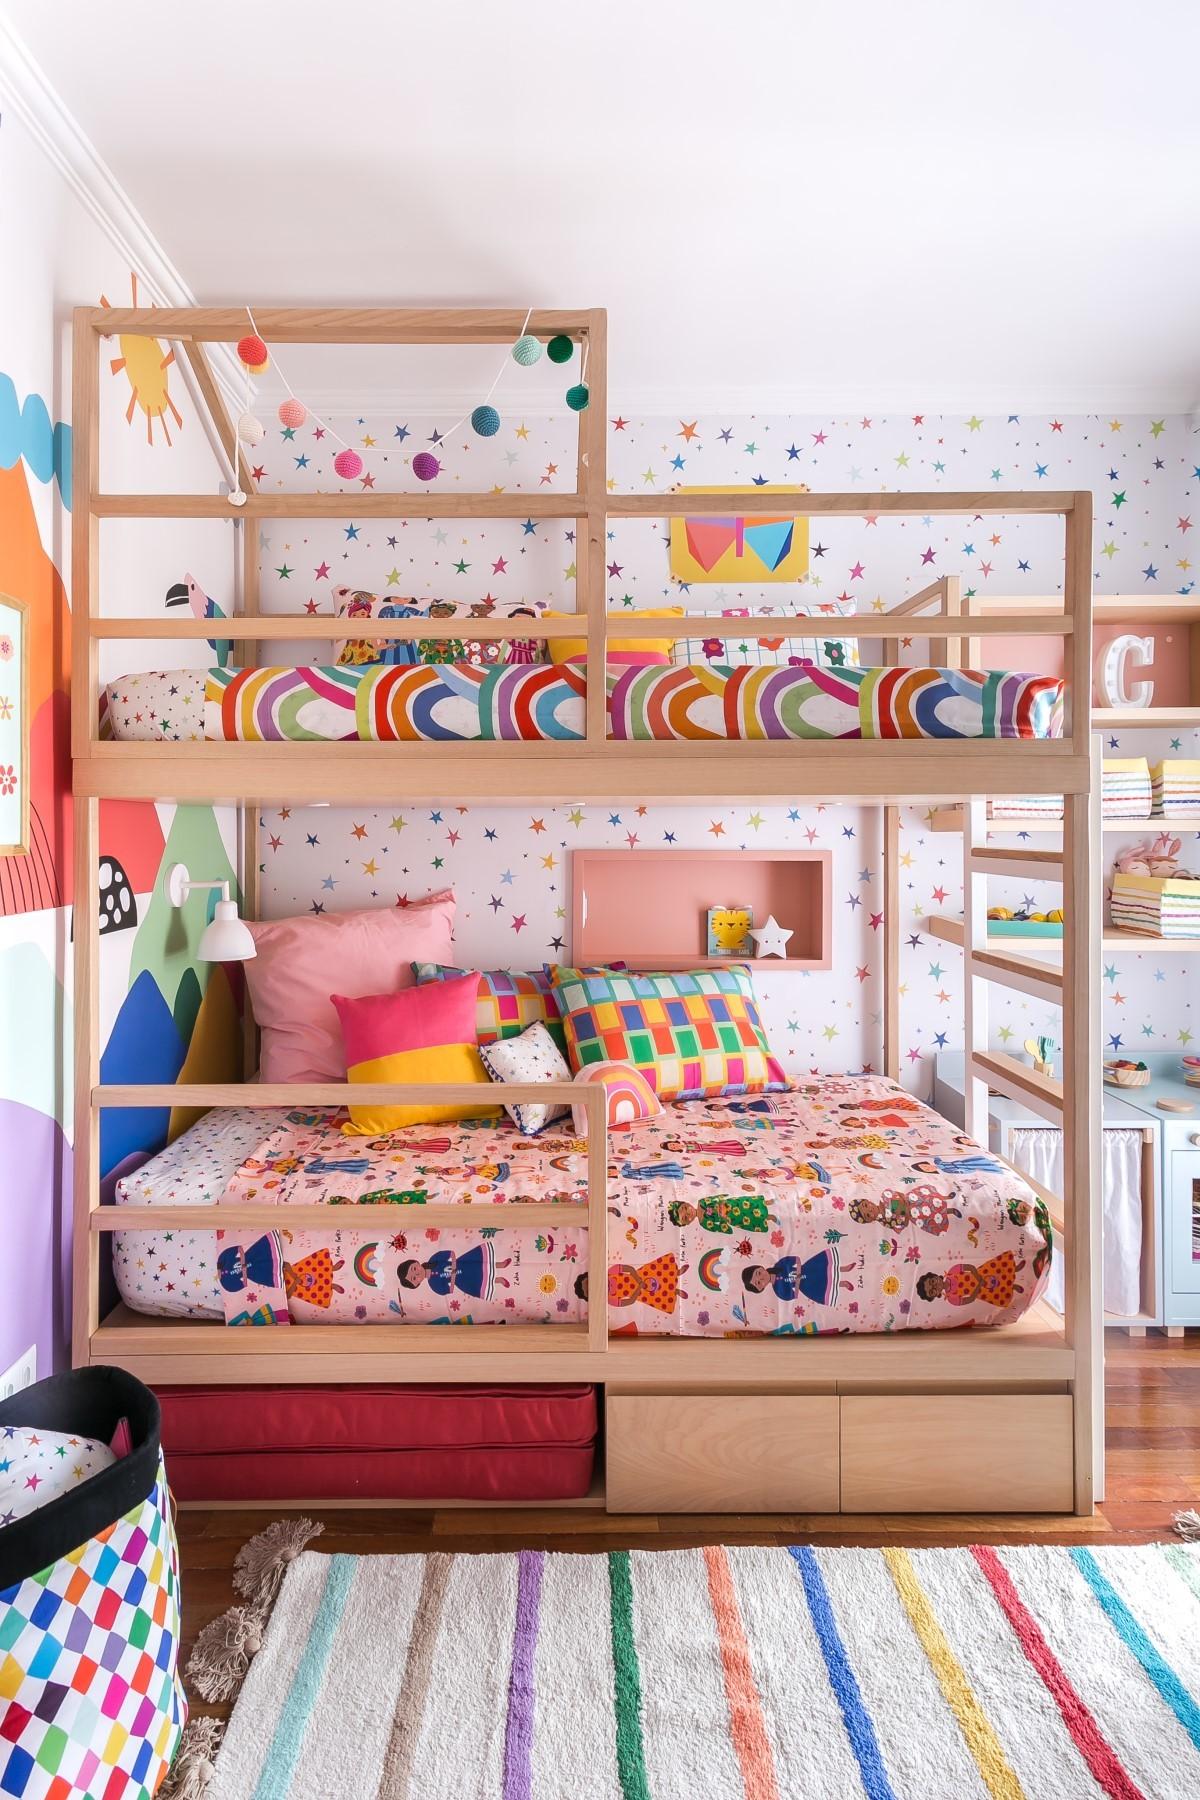 stanza |  Il letto a castello, realizzato da AMS Falegnameria, ha spazio per un materasso estraibile e due cassetti (Foto: Disclosure/Renata D'Almeida)